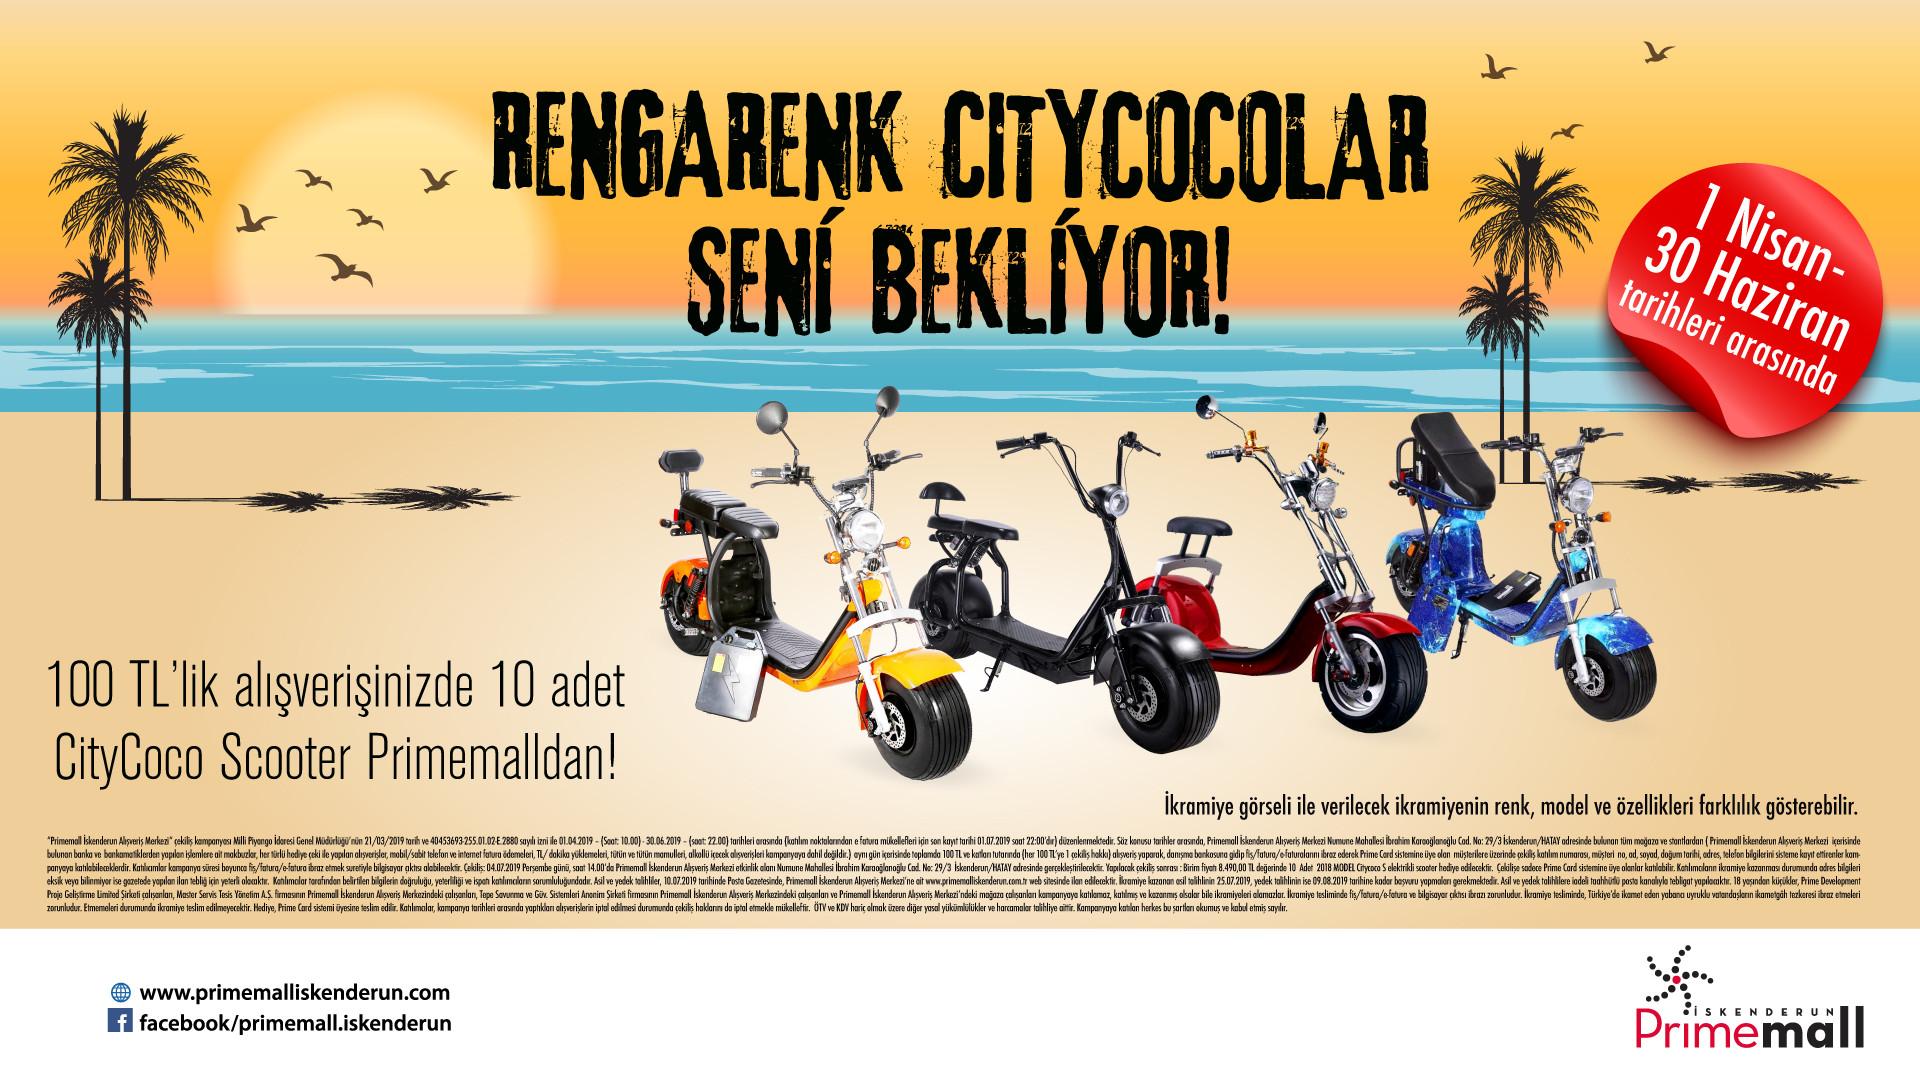 Primemall İskenderun Rengarenk Citycocolar Seni Bekliyor Çekiliş Kampanyası!